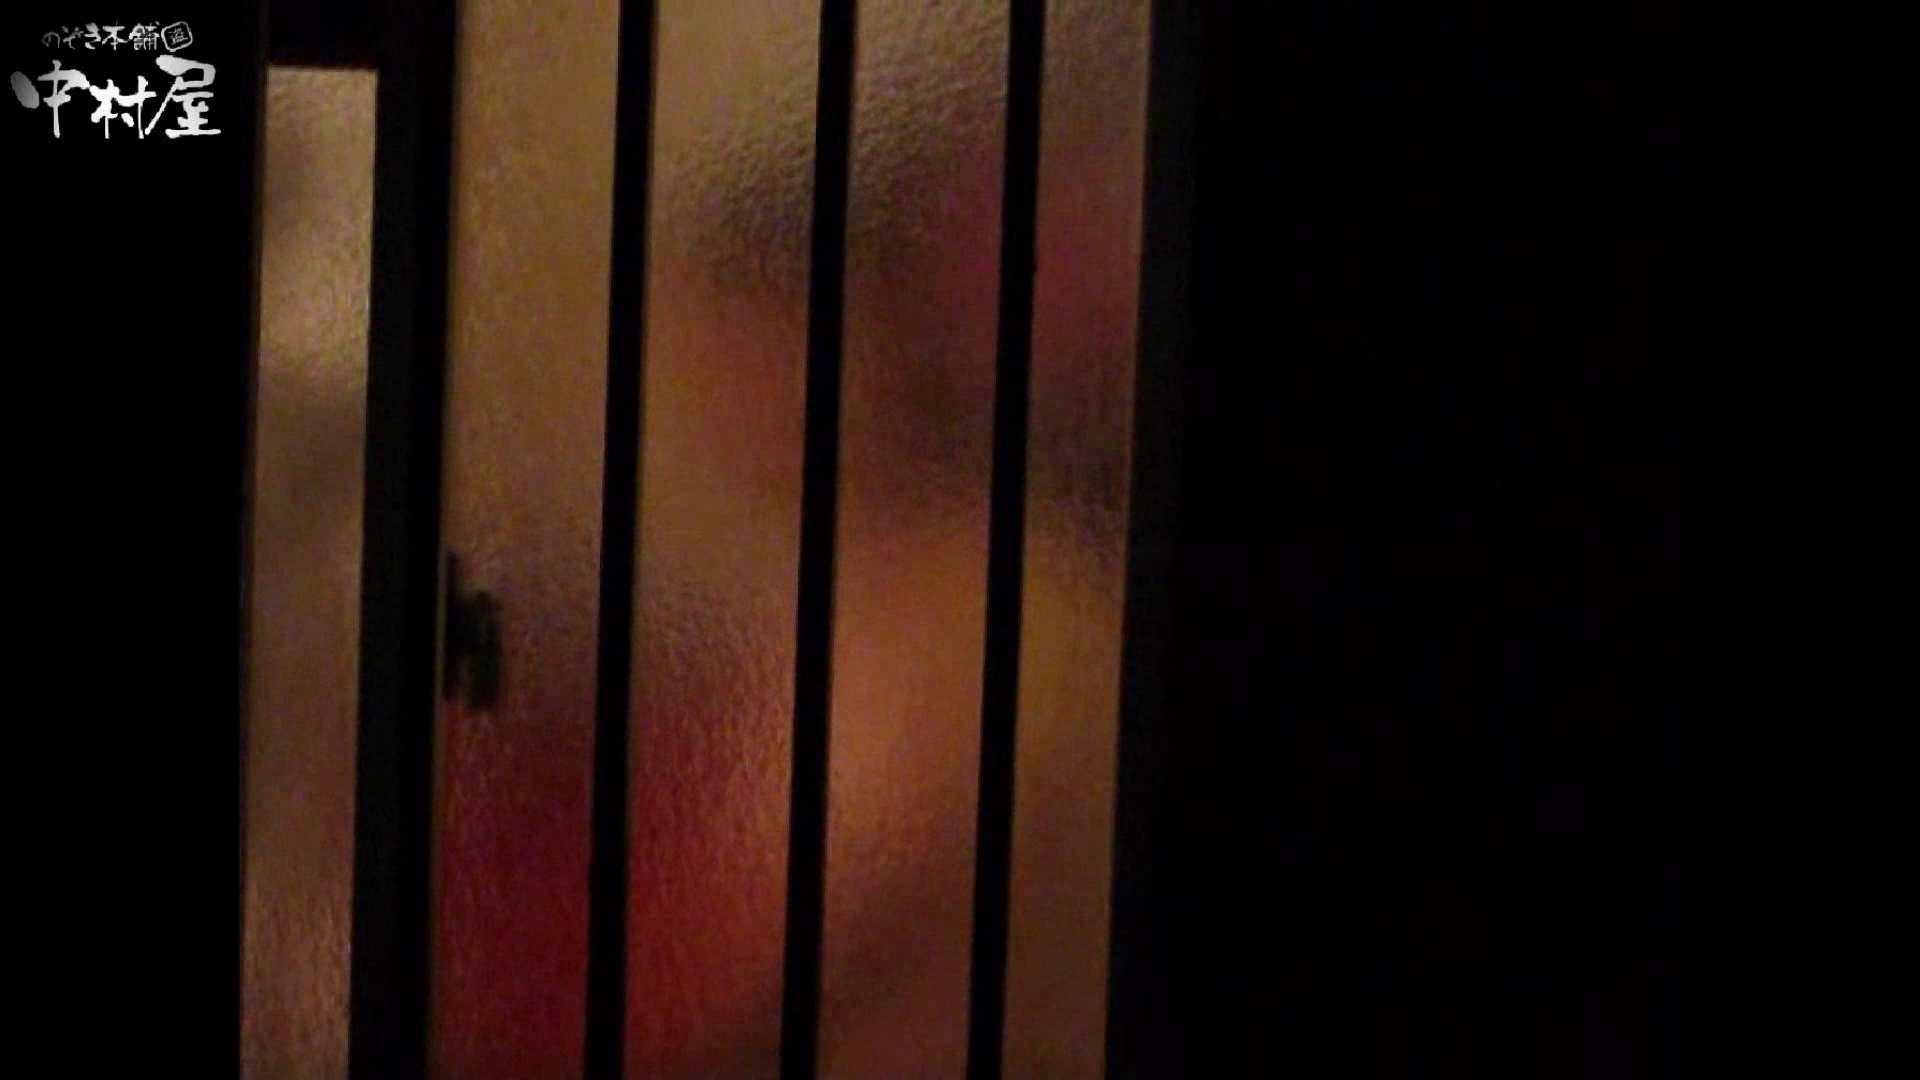 民家風呂専門盗撮師の超危険映像 vol.003 民家エロ投稿 SEX無修正画像 77画像 70